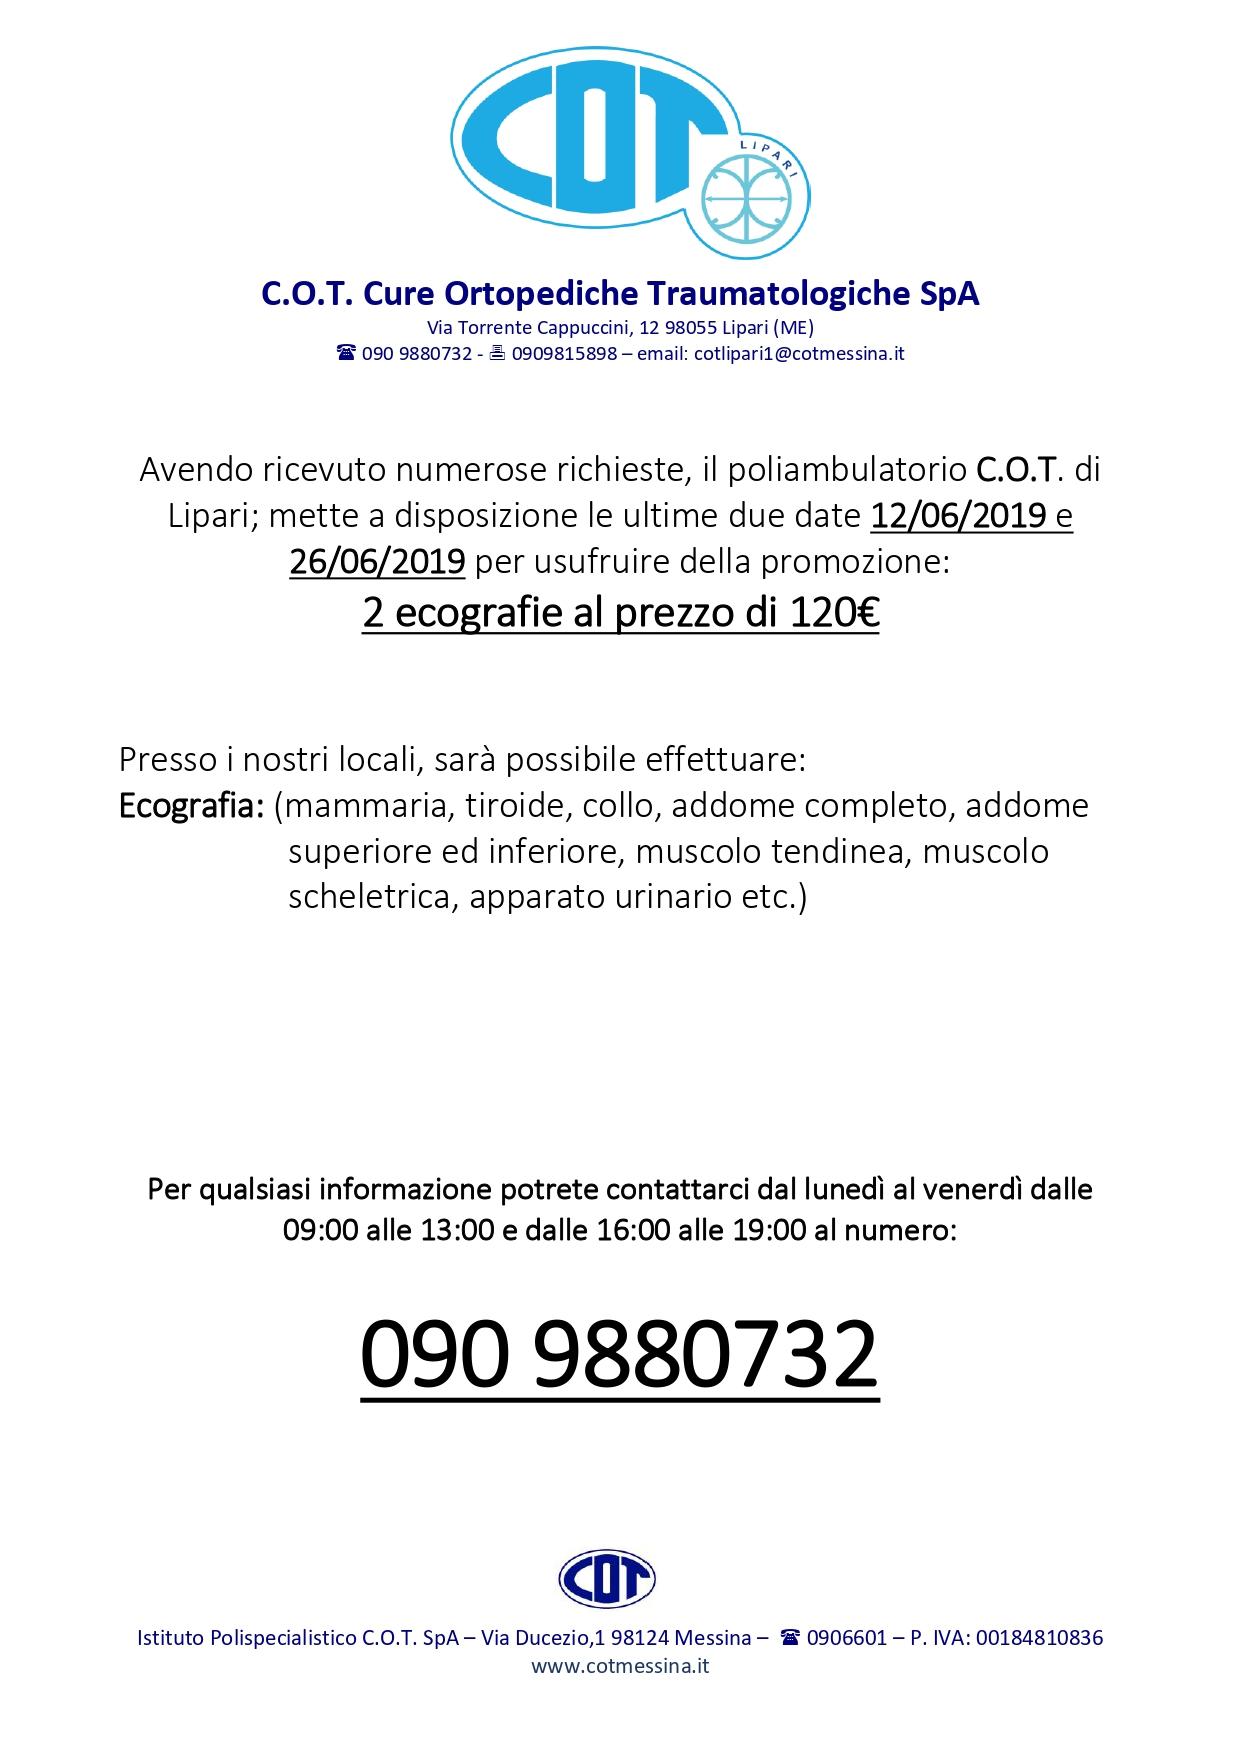 PROMOZIONE ECOGRAFIE_page-0001